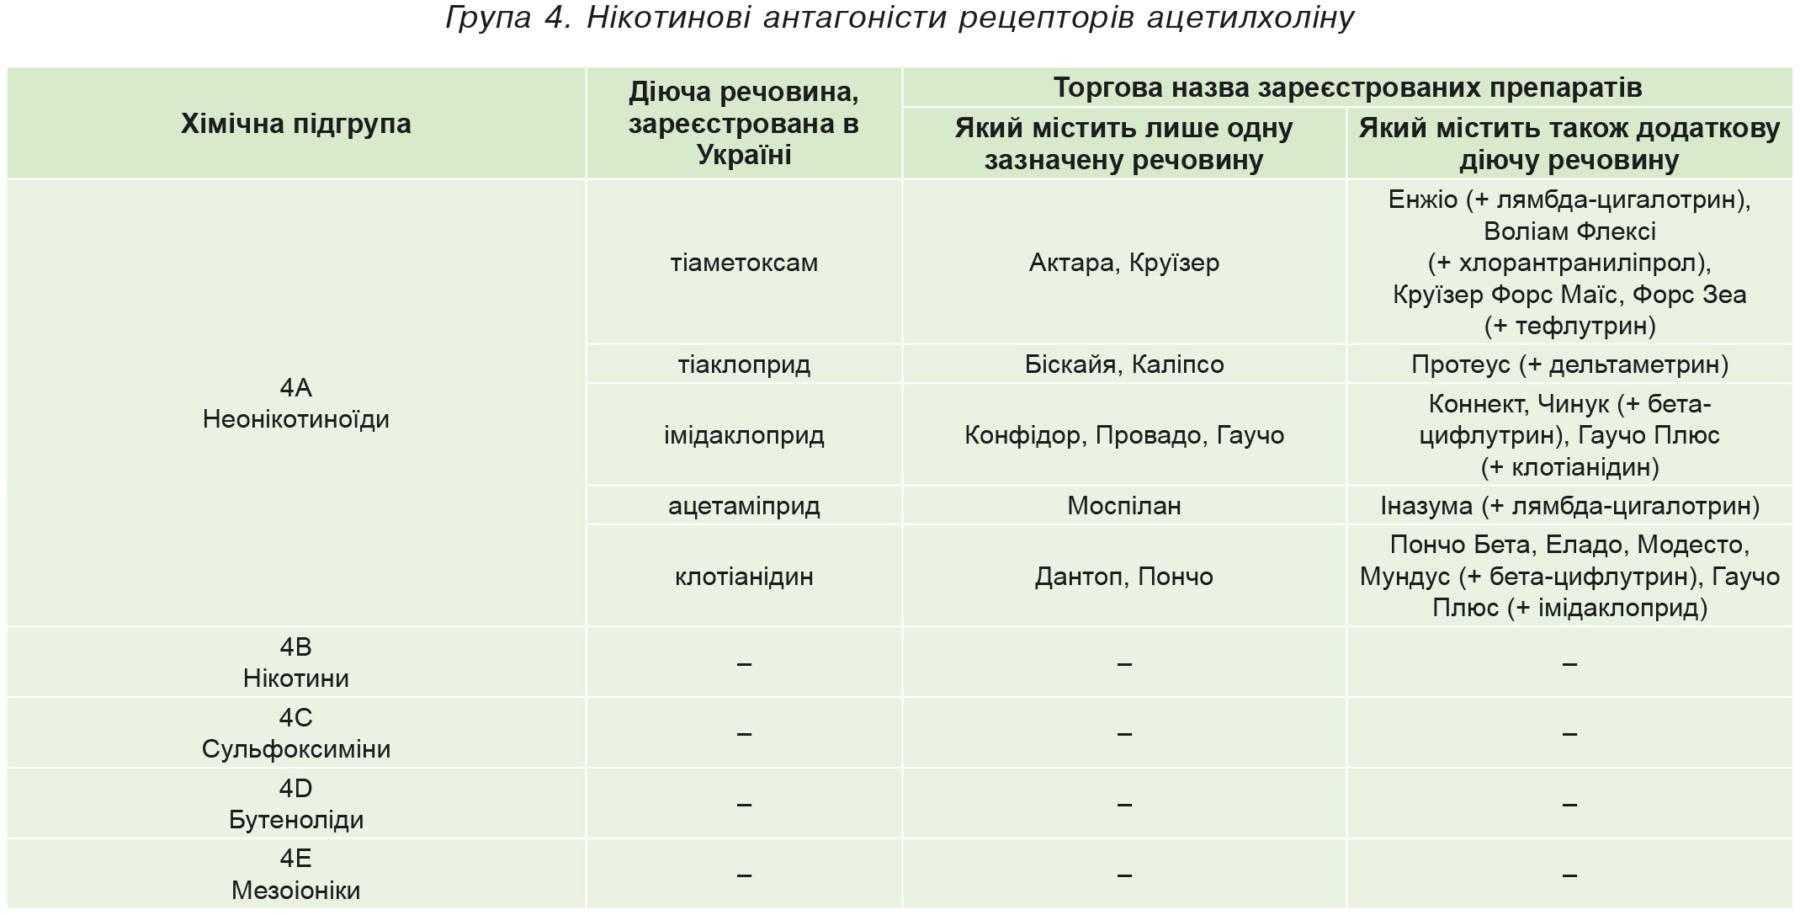 Група 4. Нікотинові антагоністи рецепторів ацетилхоліну